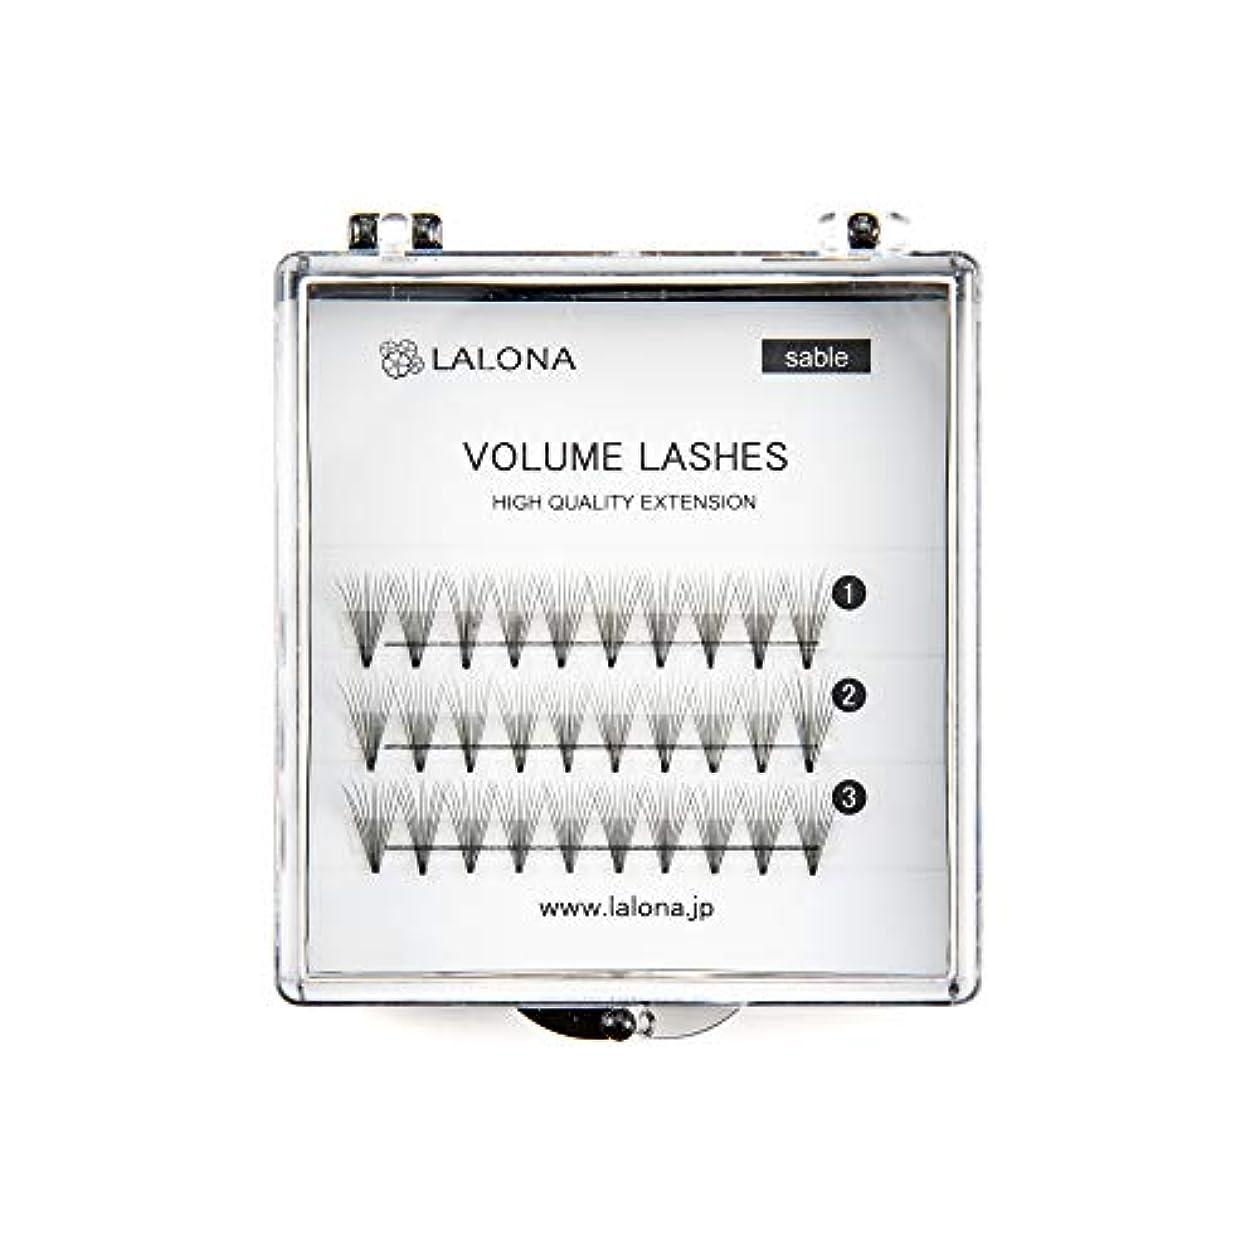 機械首謀者私たちLALONA [ ラローナ ] ボリュームラッシュ (10D) (30pcs) まつげエクステ 10本束 フレアラッシュ まつエク 束まつげ セーブル (Dカール / 10mm)